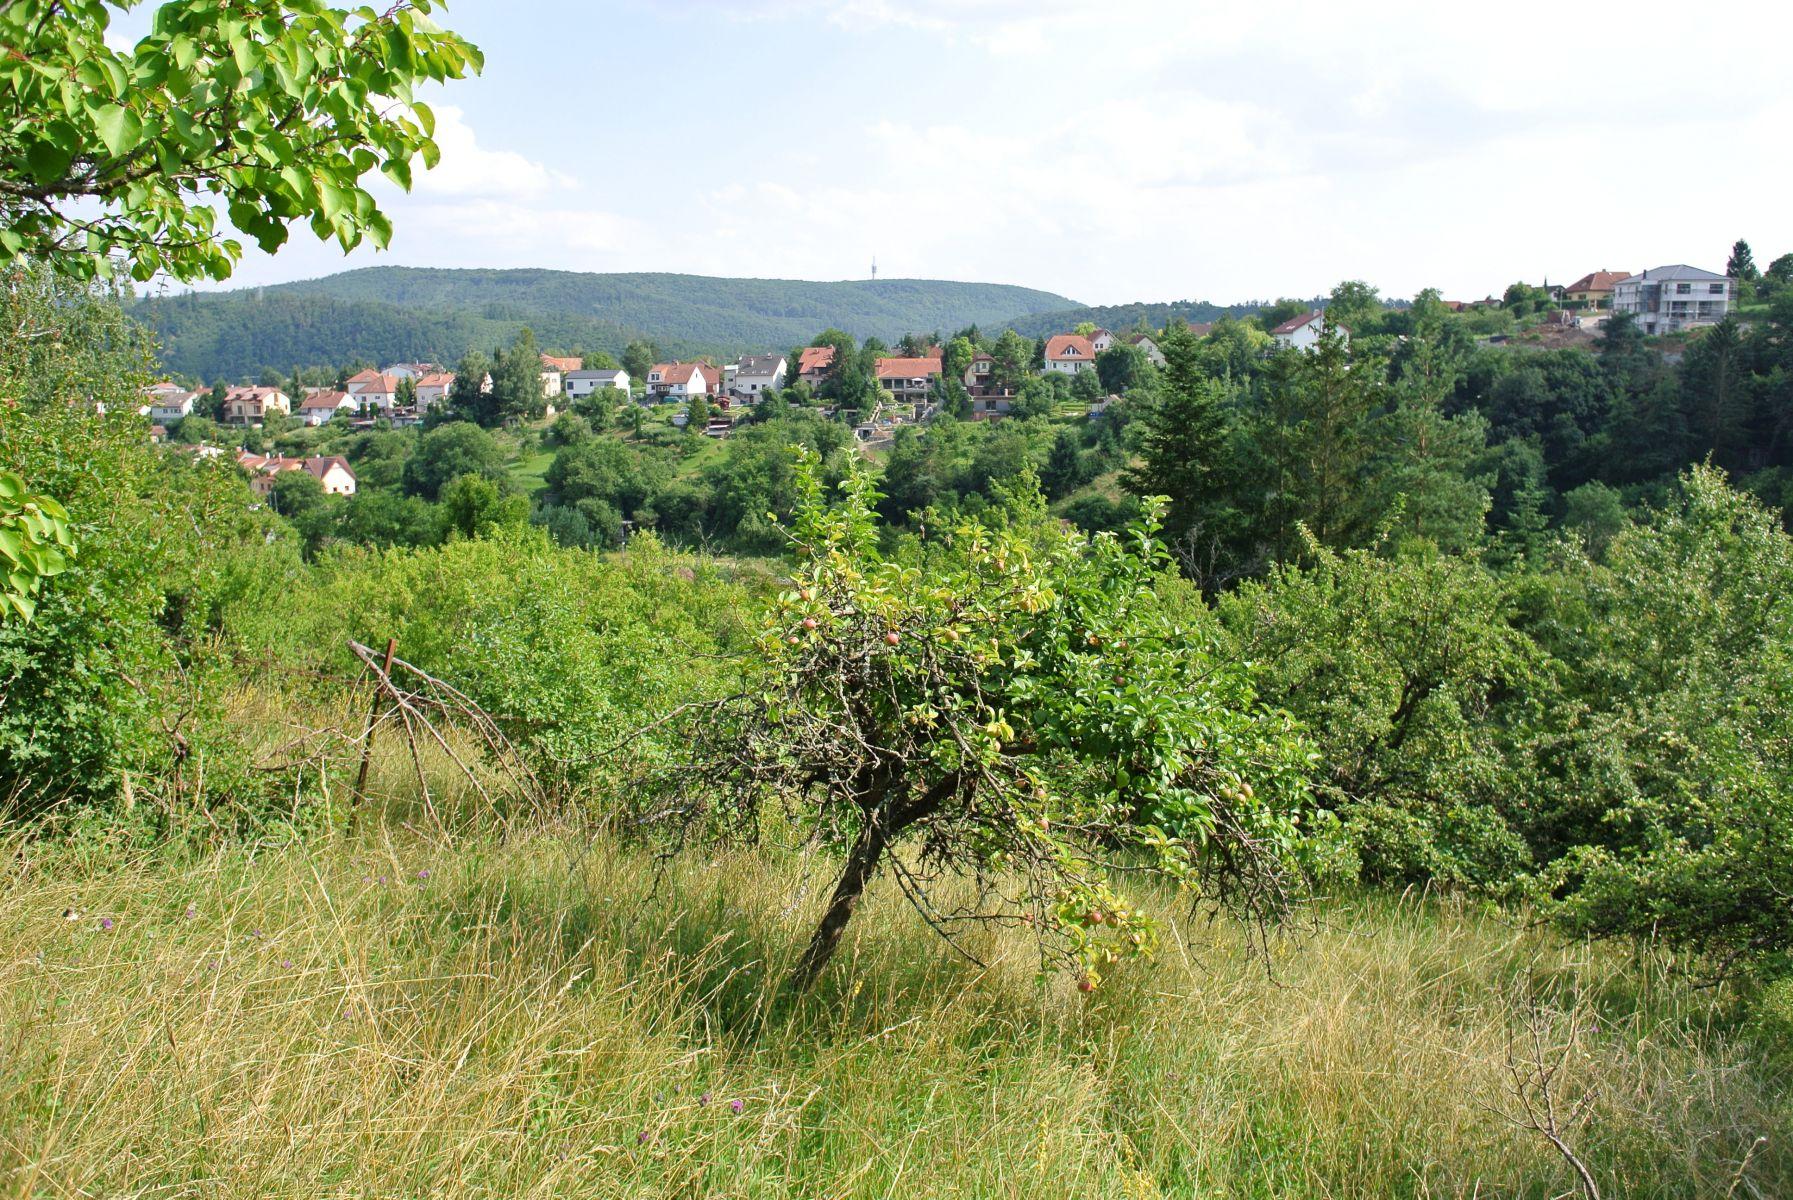 Prodej zahrady 1768m2 na velmi klidném místě s krásným výhledem